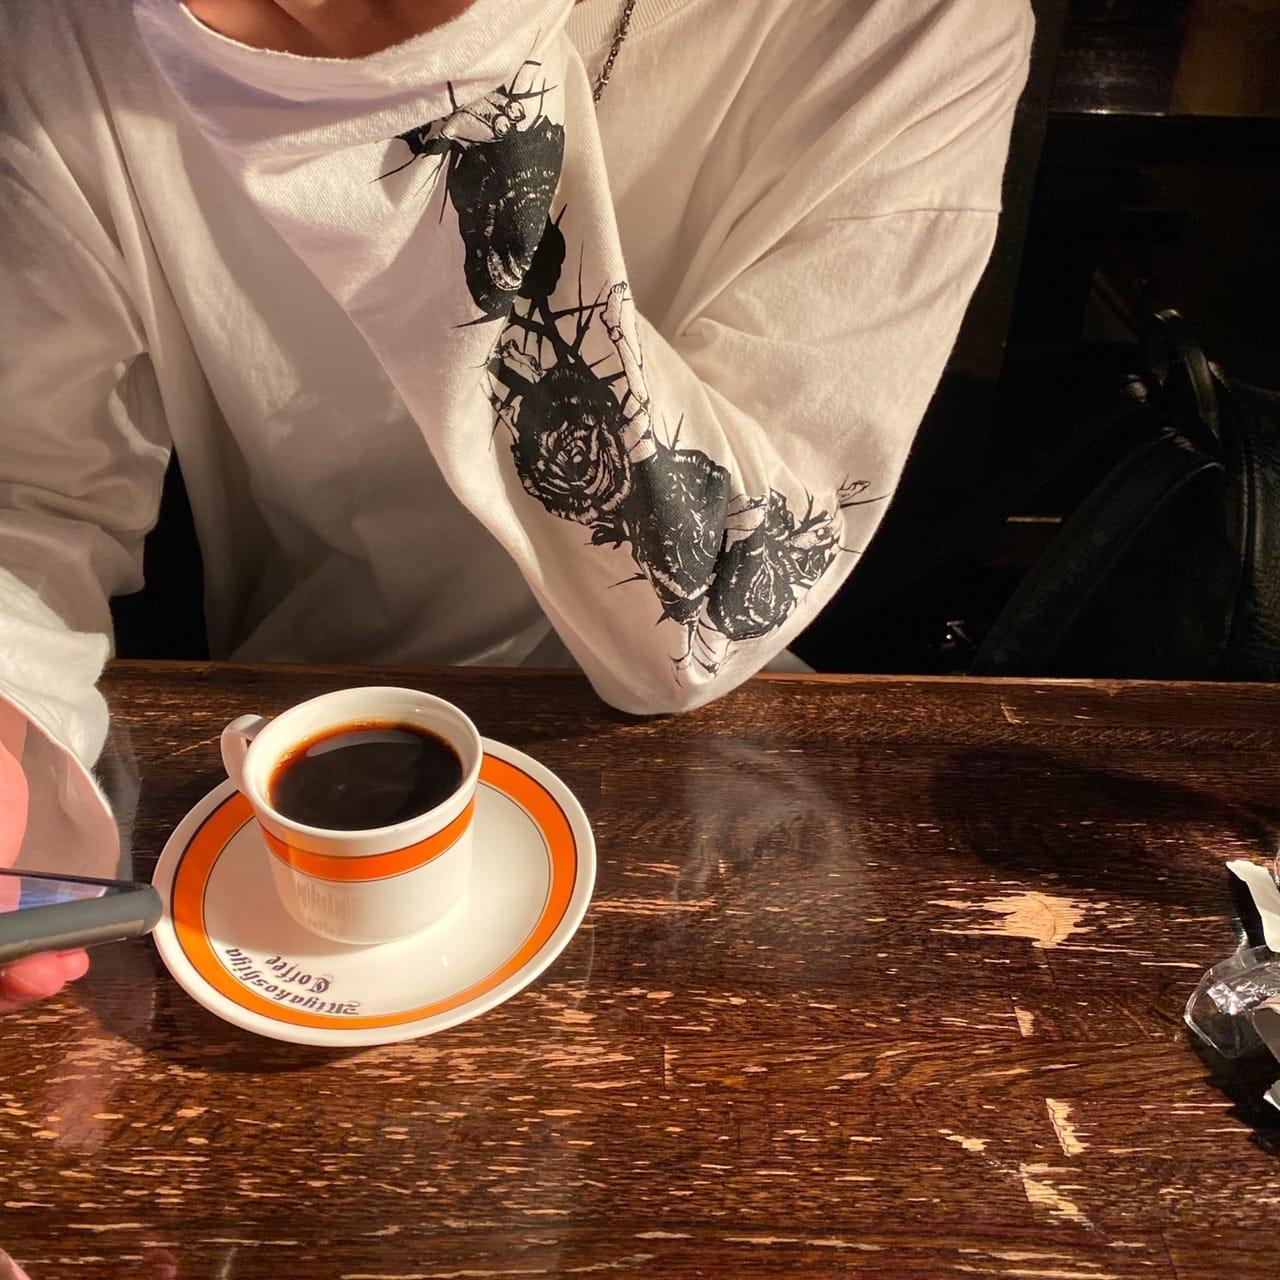 Q.ぽっちゃりですけどお仕事できますか? 鹿児島ちゃんこ 薩摩川内店の求人ブログ